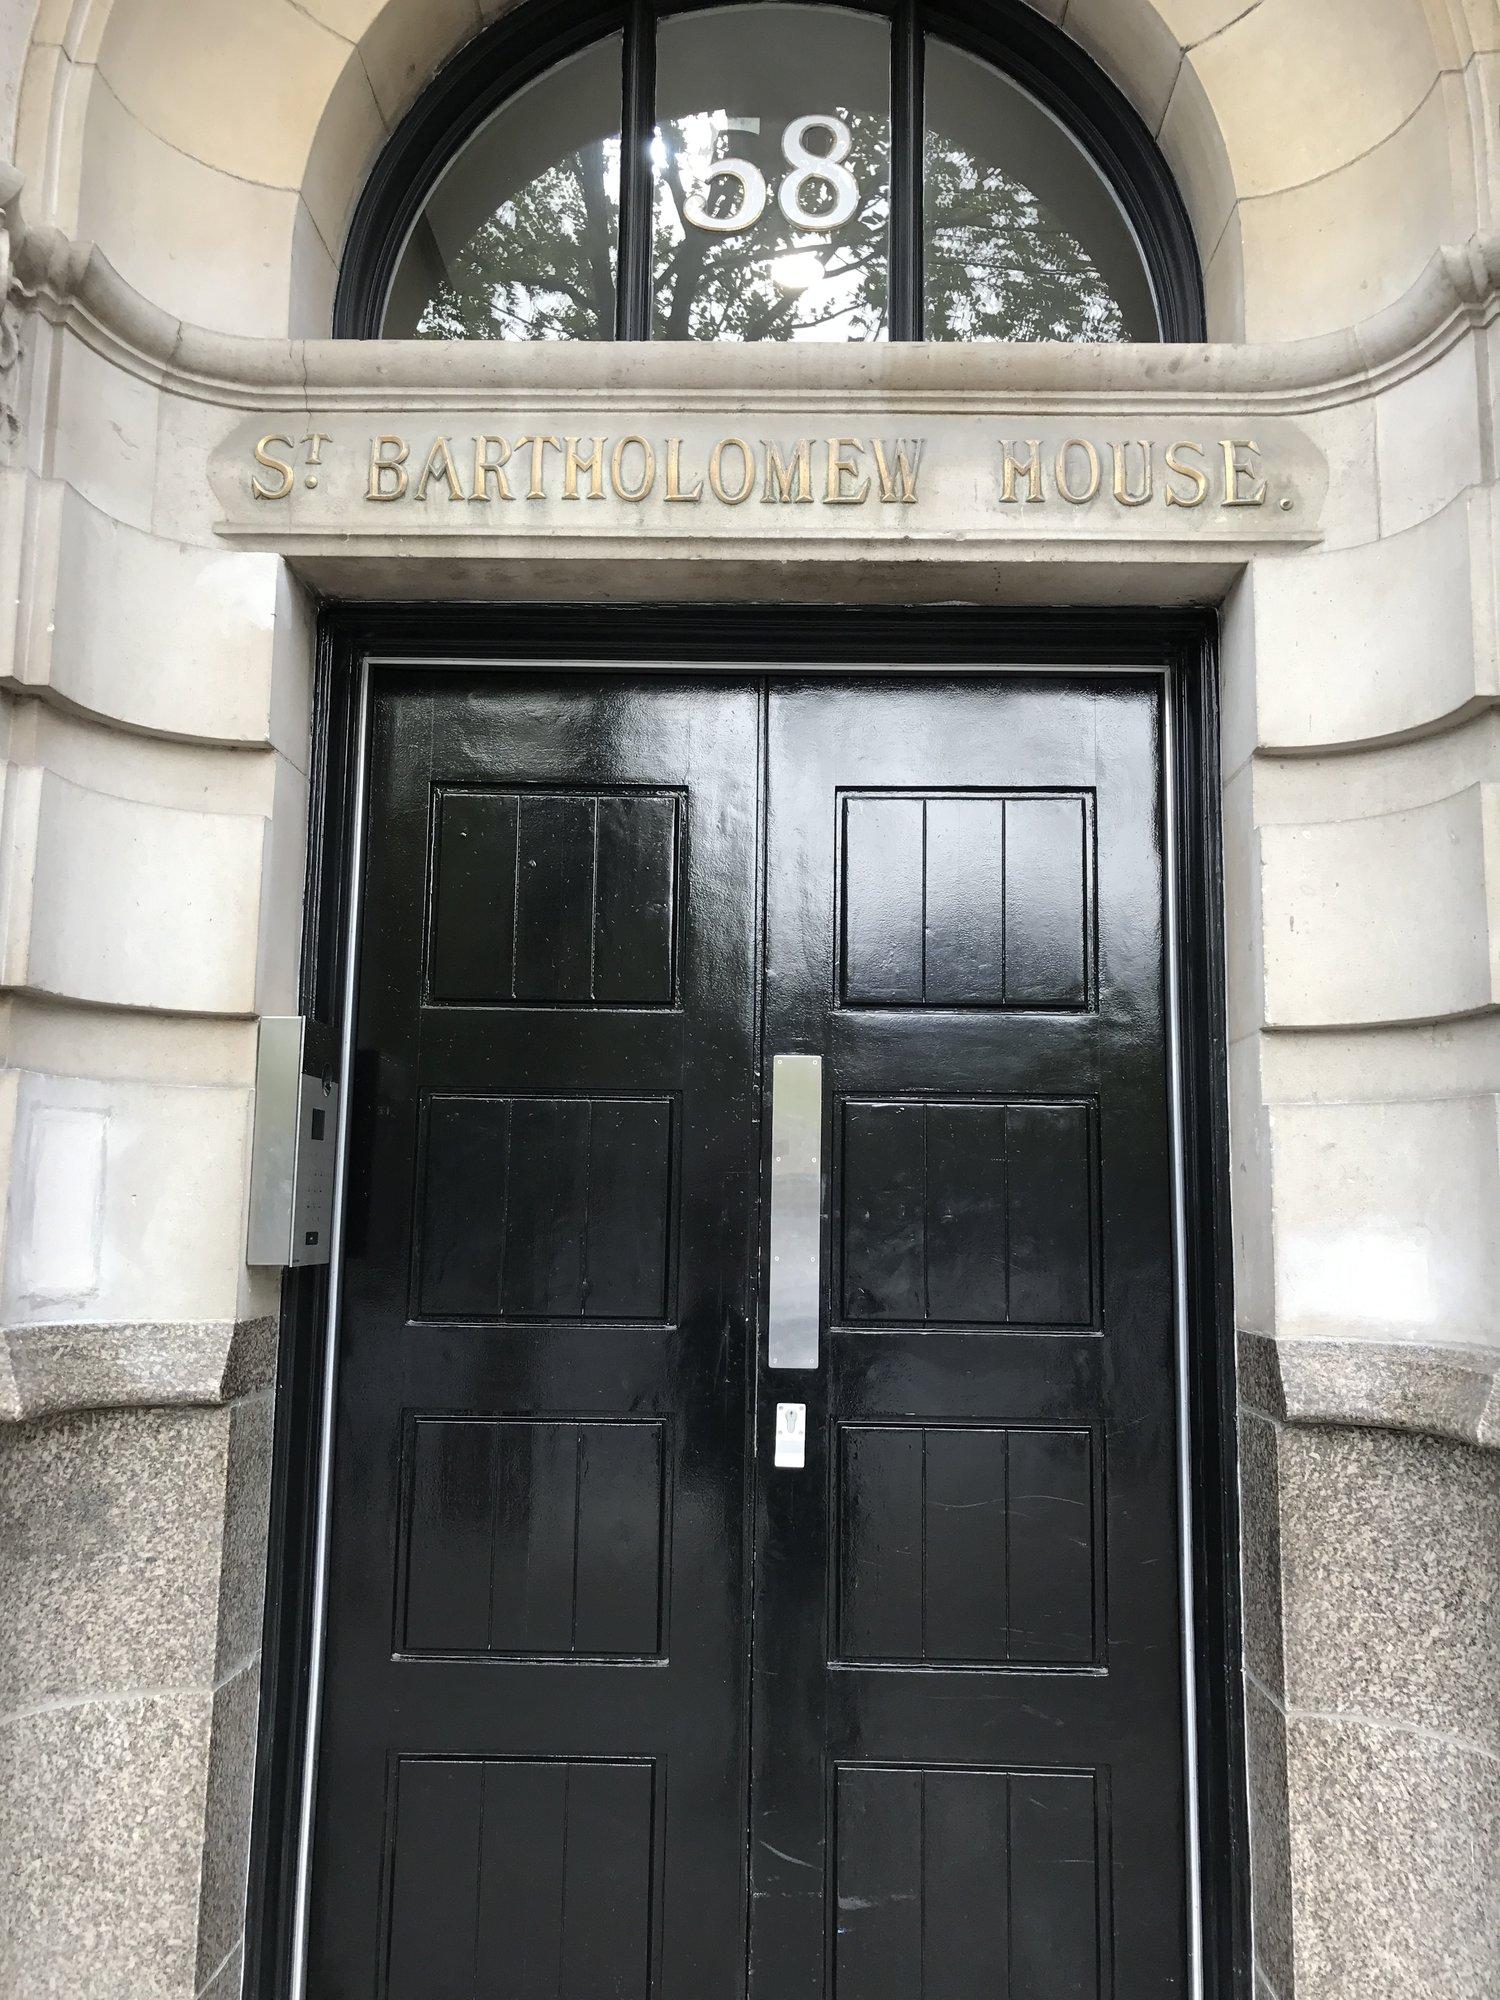 West Smithfield Penthouse